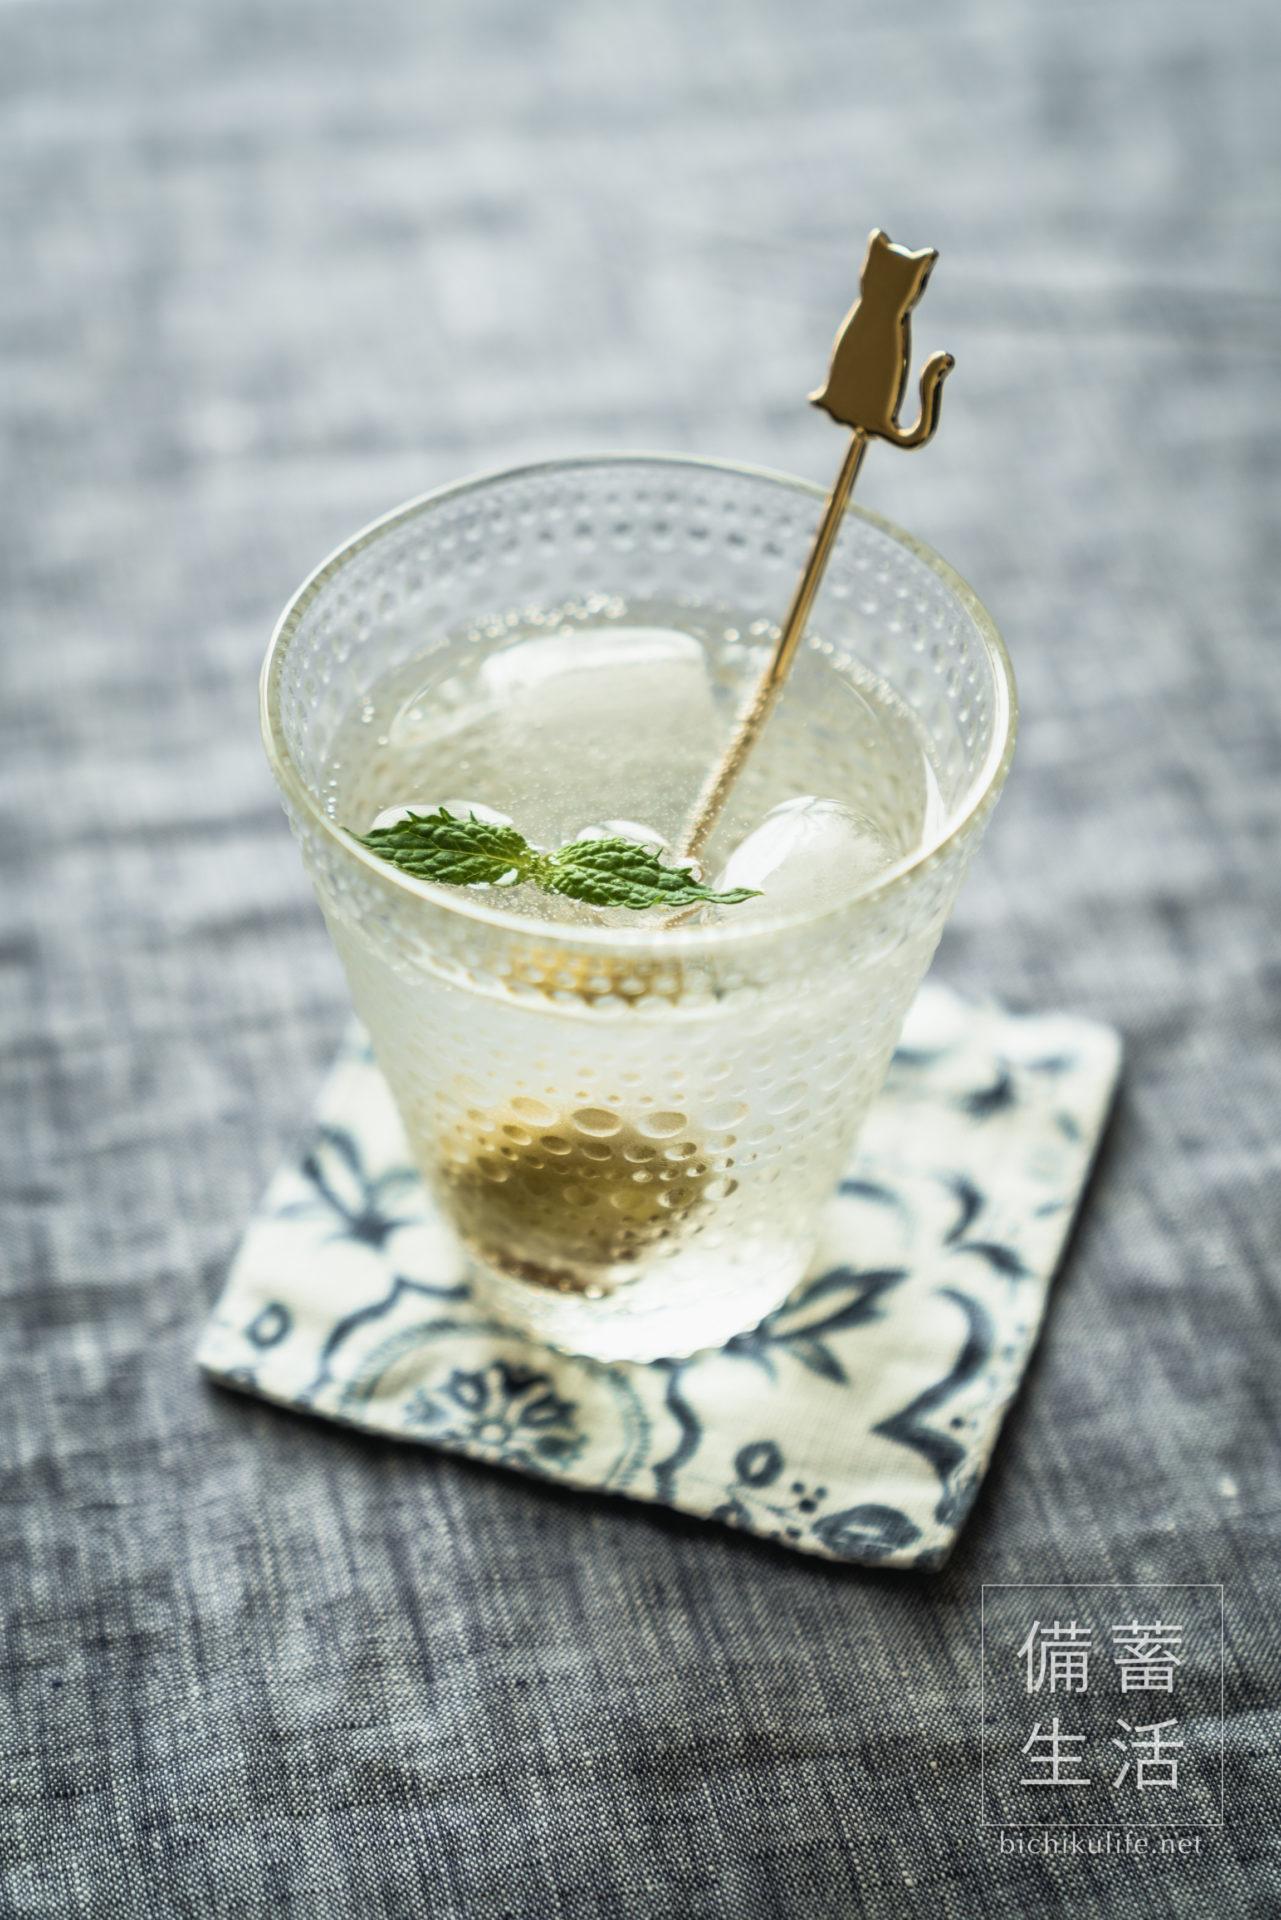 梅シロップづくり 自家製梅シロップを作るアイデア、梅シロップ炭酸水ジュース